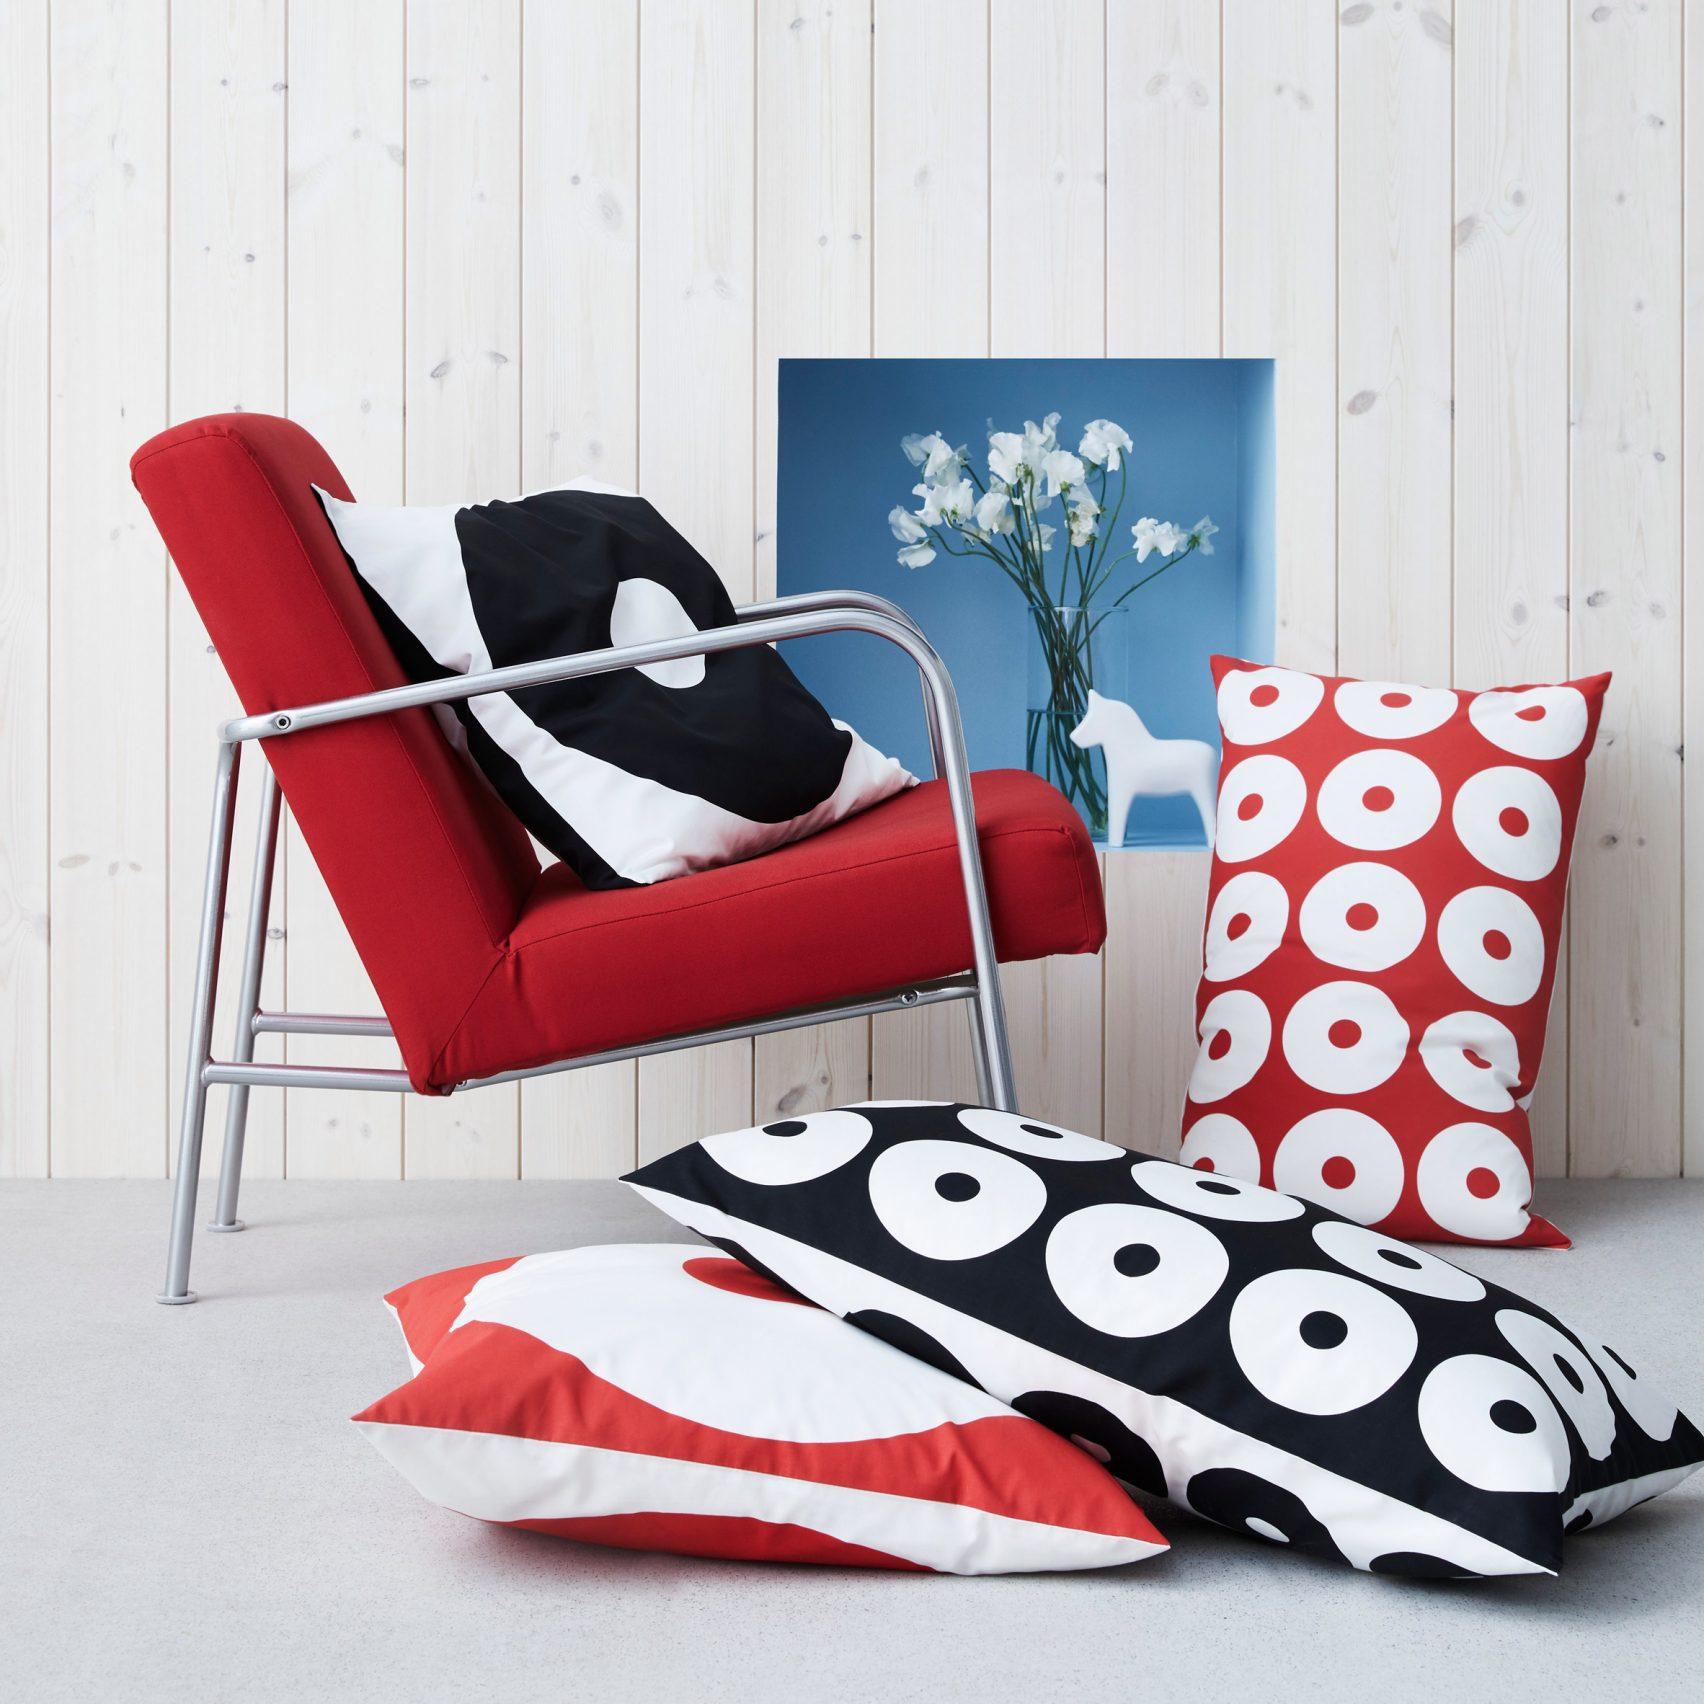 Pour son 75ème anniversaire, IKEA réédite ses plus grands